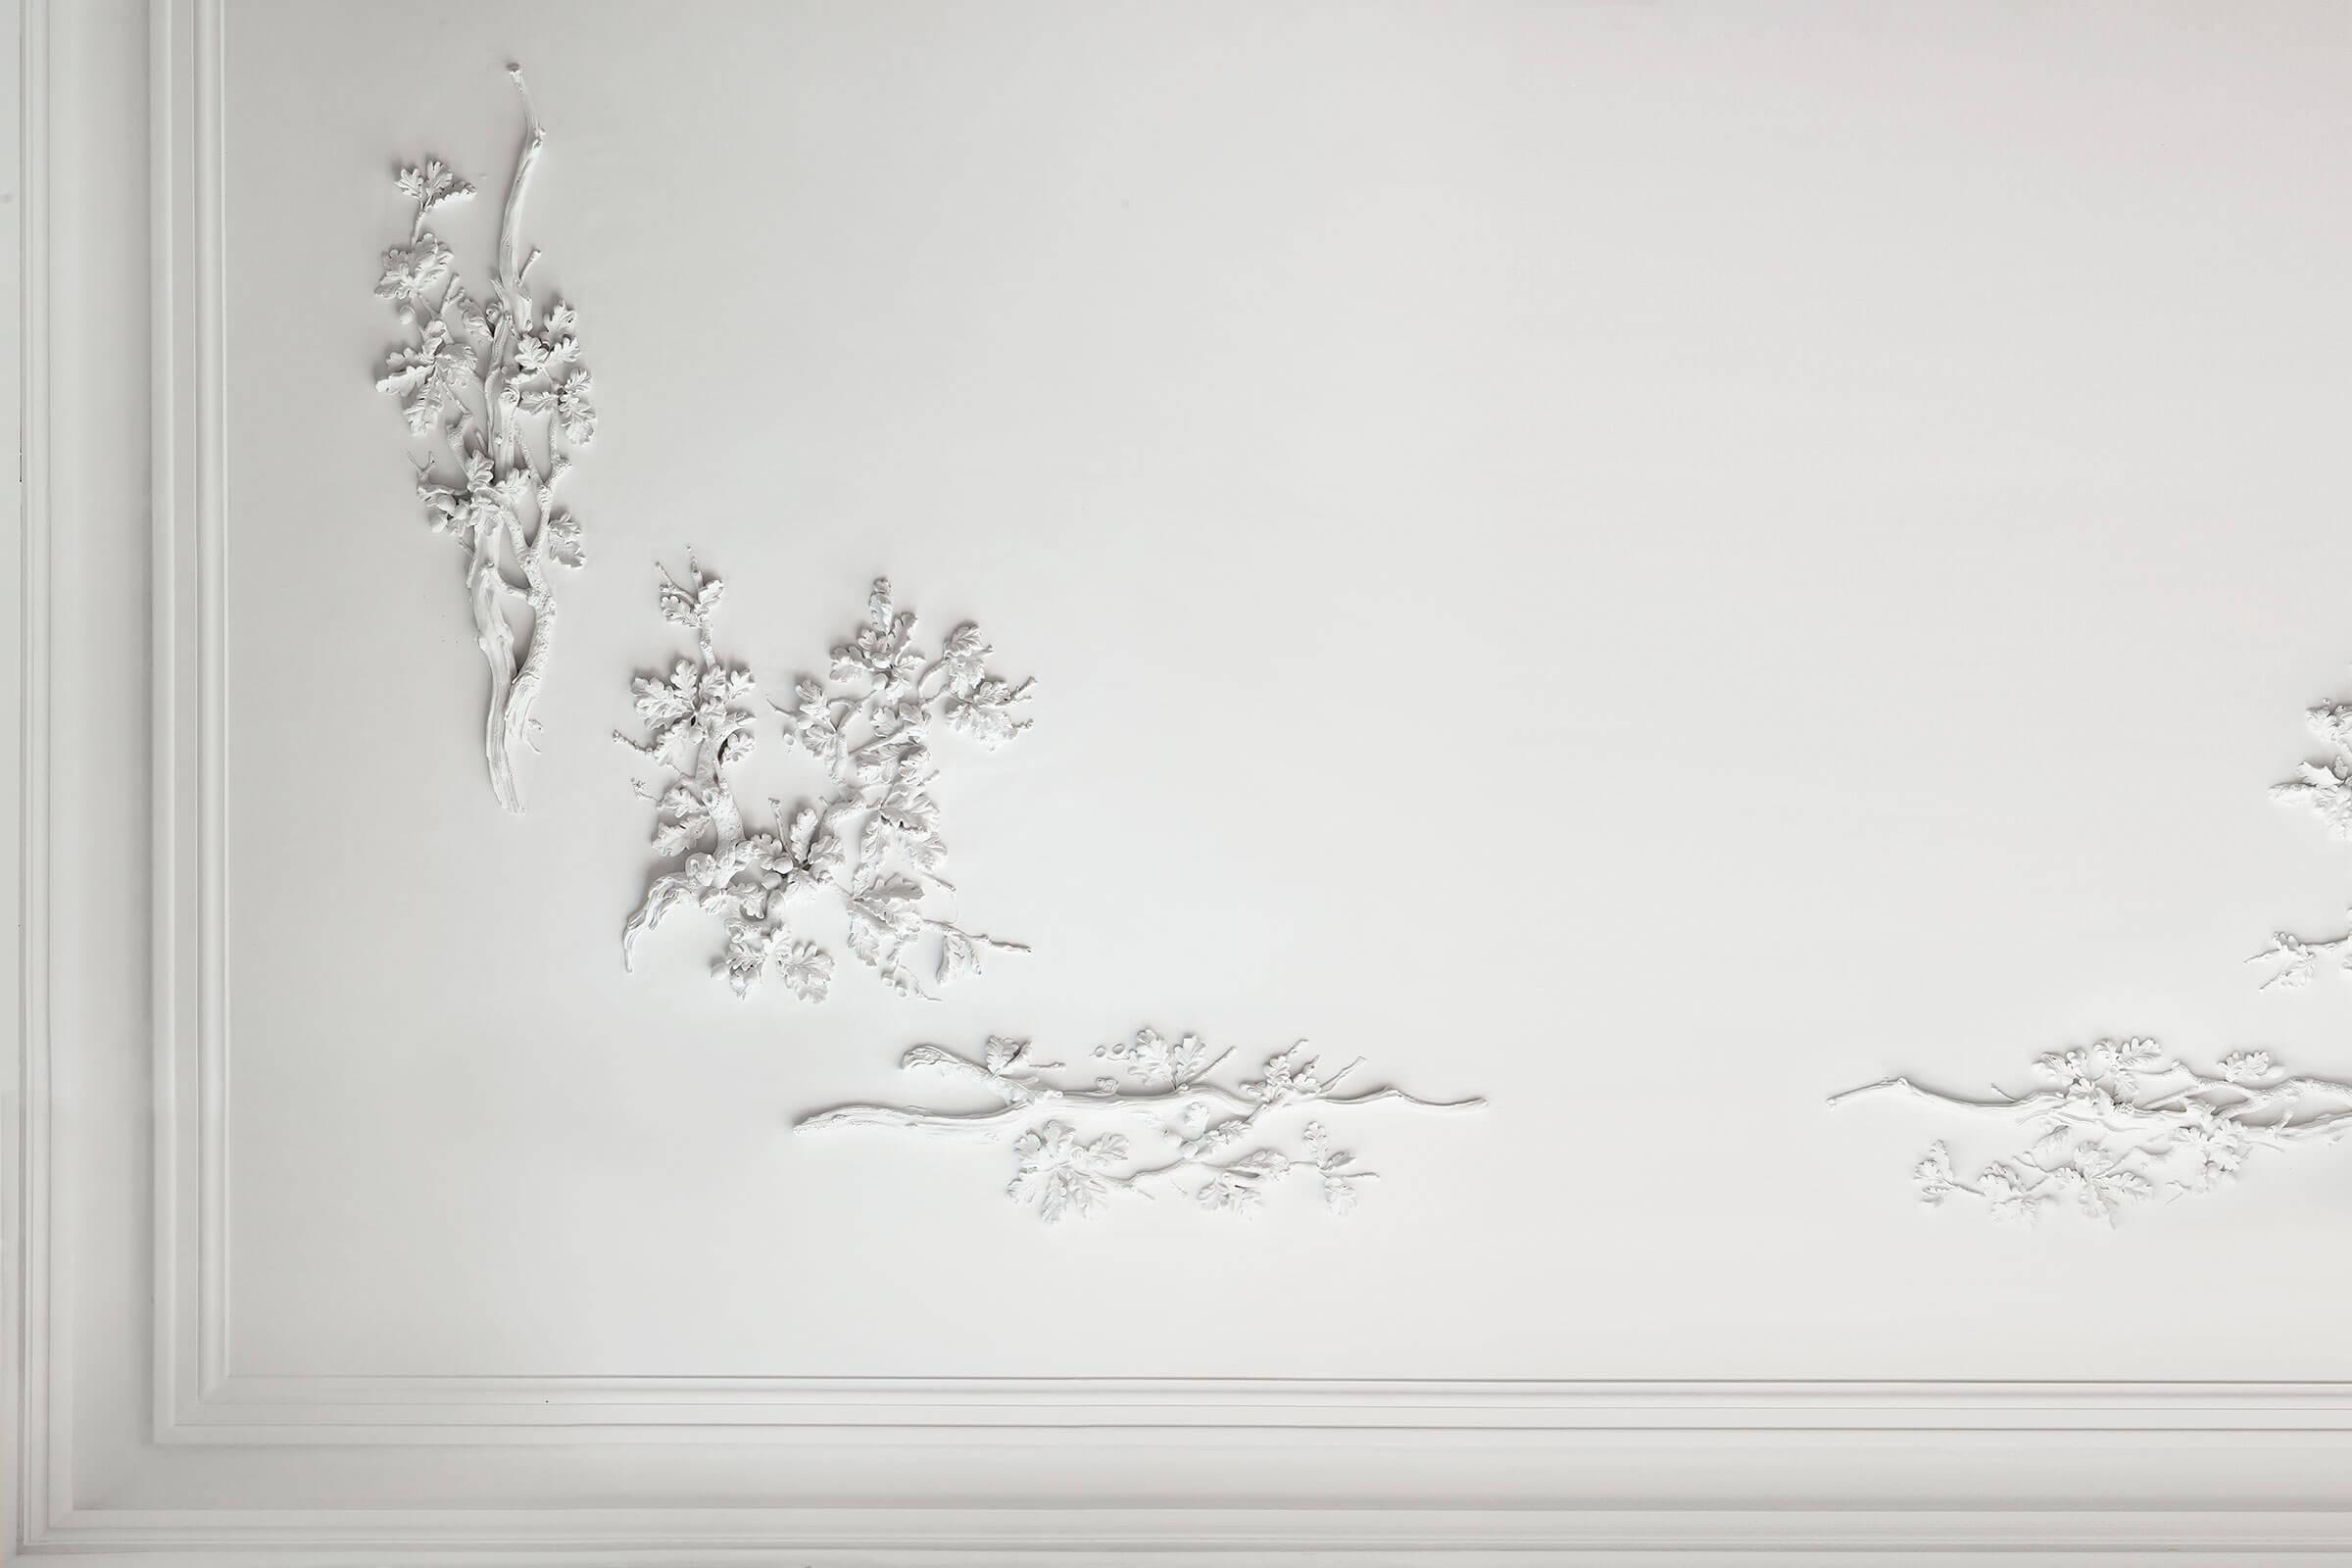 design interiør stuk stukkatur claus lind © håndværk ege